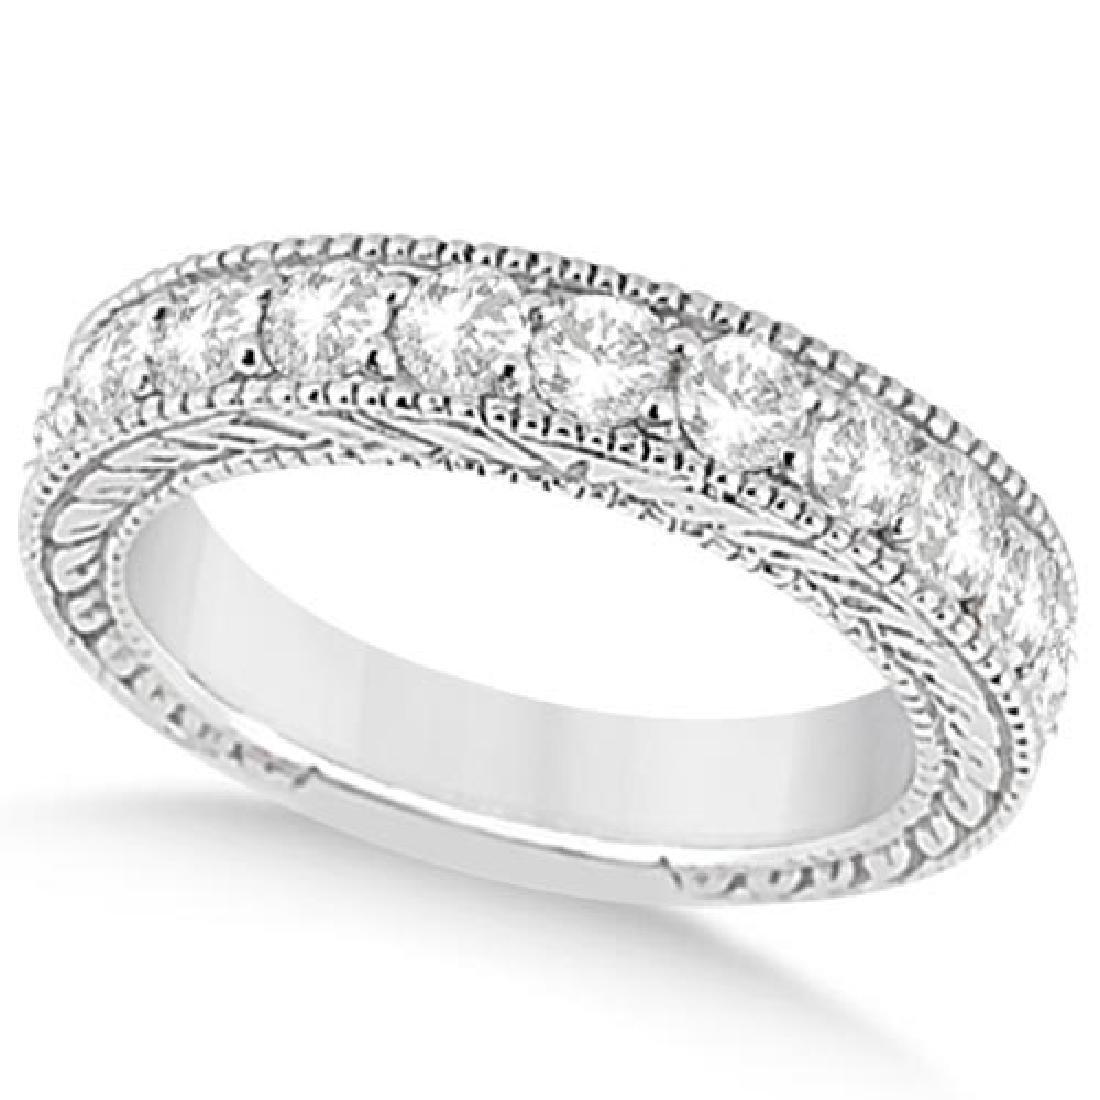 Antique Diamond Engagement Wedding Ring Band 18k White